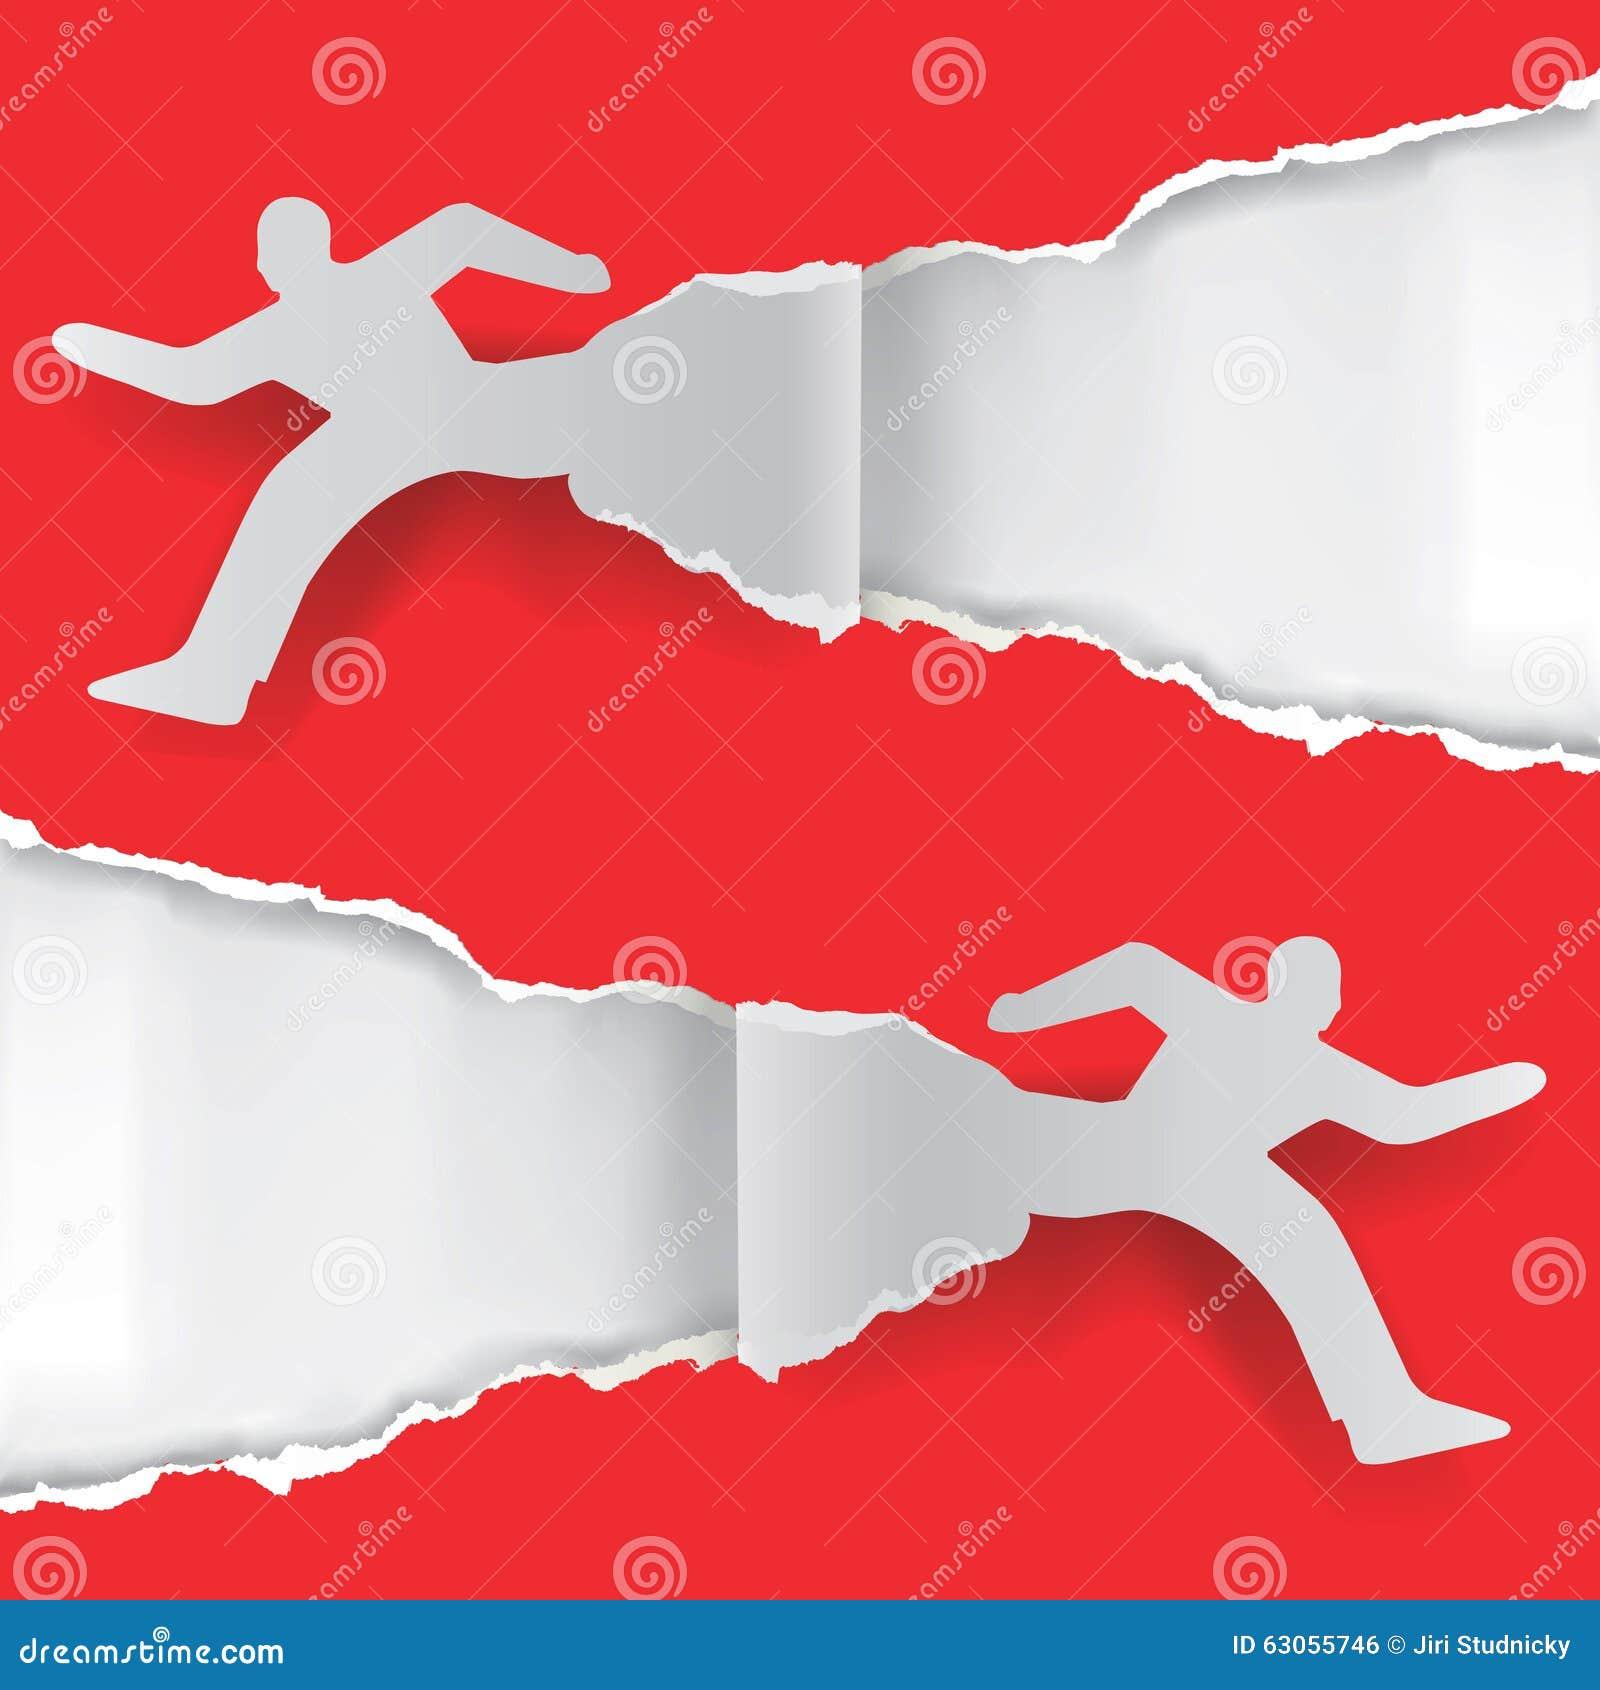 Paper Running Man Ripping Paper  Stock Vector - Illustration of